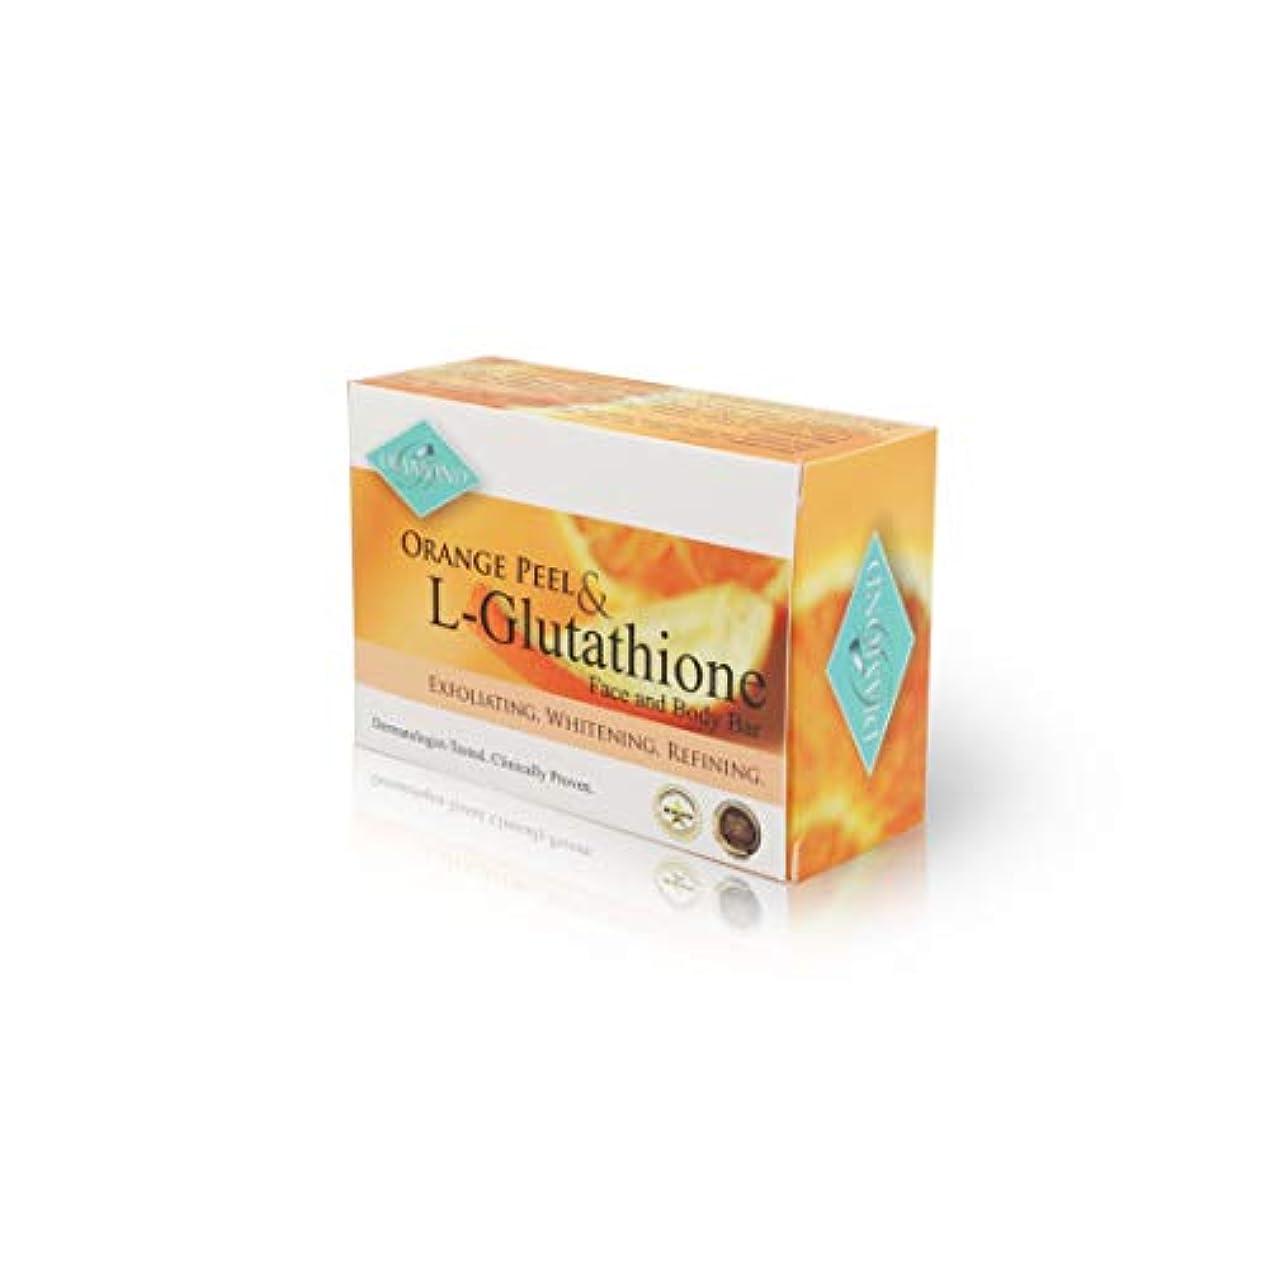 さておきモード性的DIAMOND ORANGE PEEL&Glutathione soap/オレンジピール&グルタチオン配合ソープ(美容石けん) 150g 正規輸入品 Harmony & Wellness Japan distributor! Exclusive contract with manufacturer